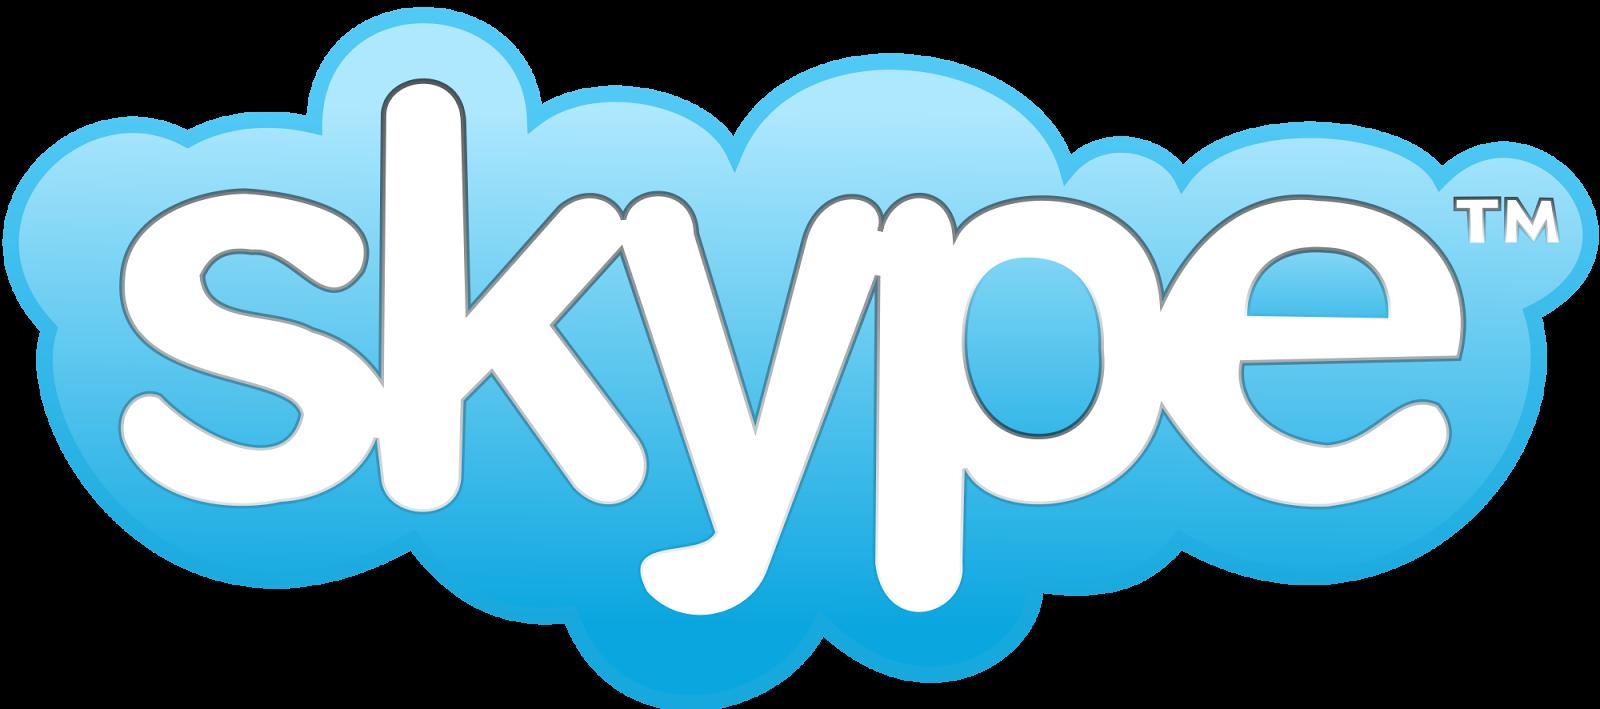 artikel mingguan, artikel terbaik belajar, pengembangan diri, artikel pengembangan diri, skype, belajar bahasa Inggris lewat skype